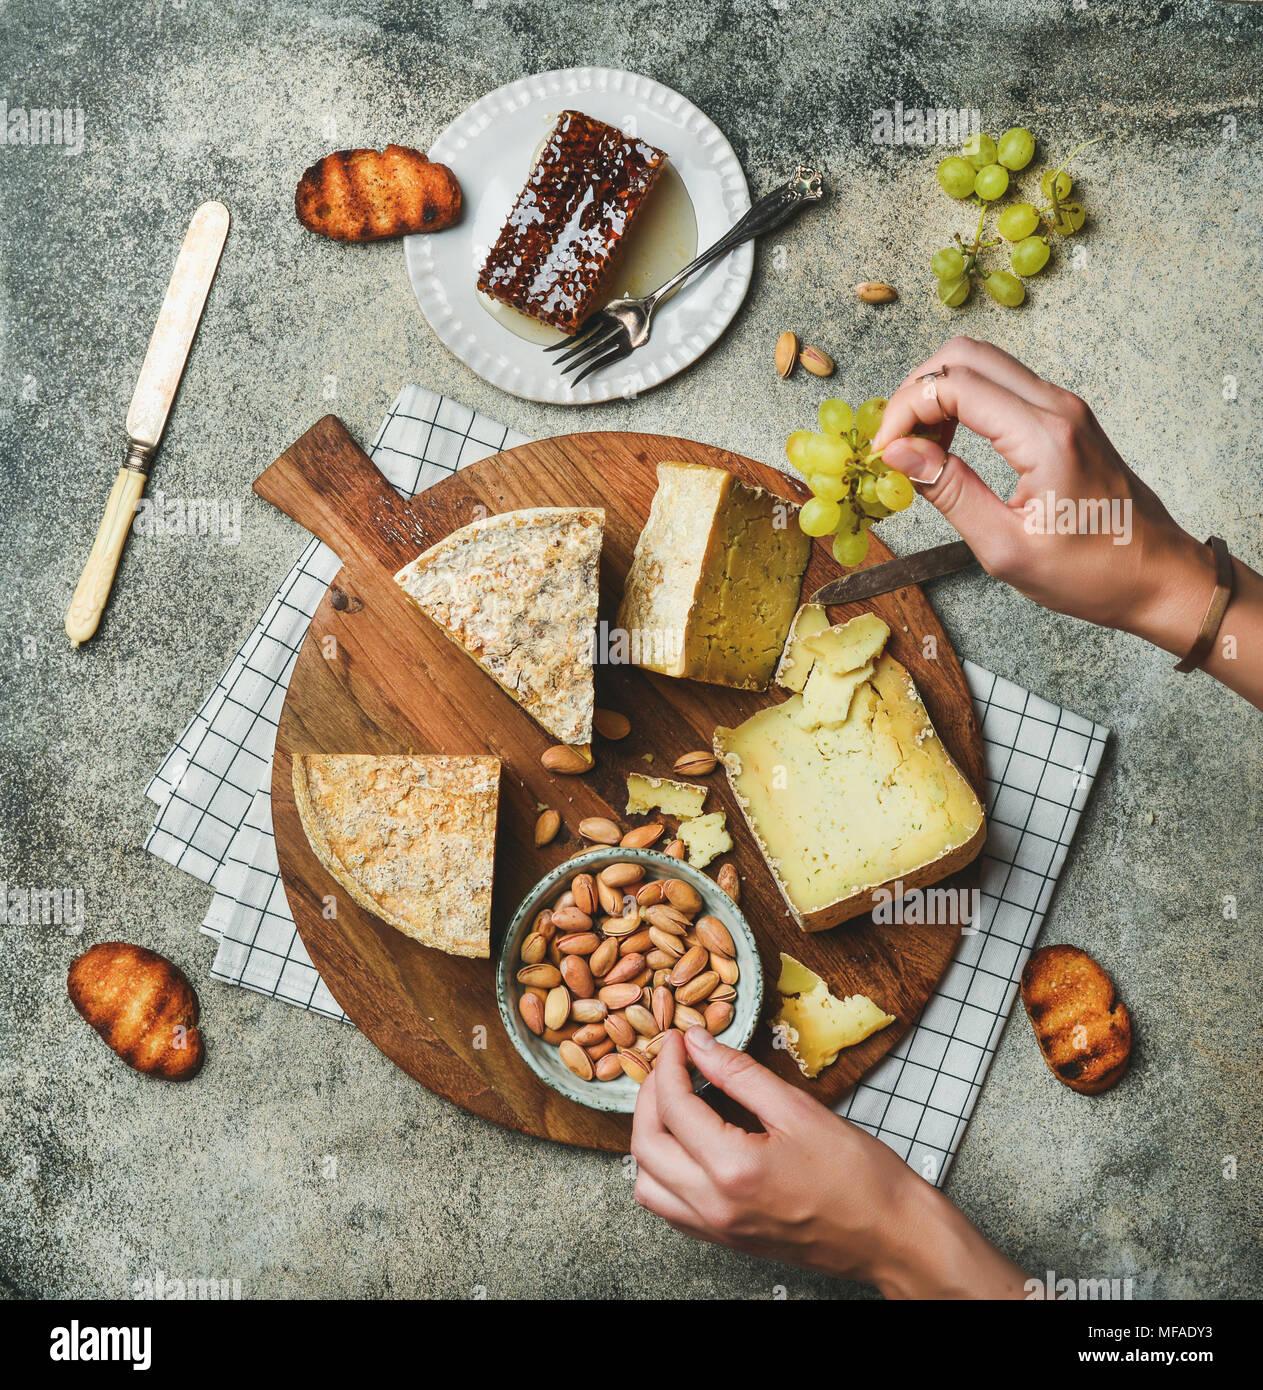 Una tabla de quesos con manos femeninas, alcanzando a los alimentos Imagen De Stock